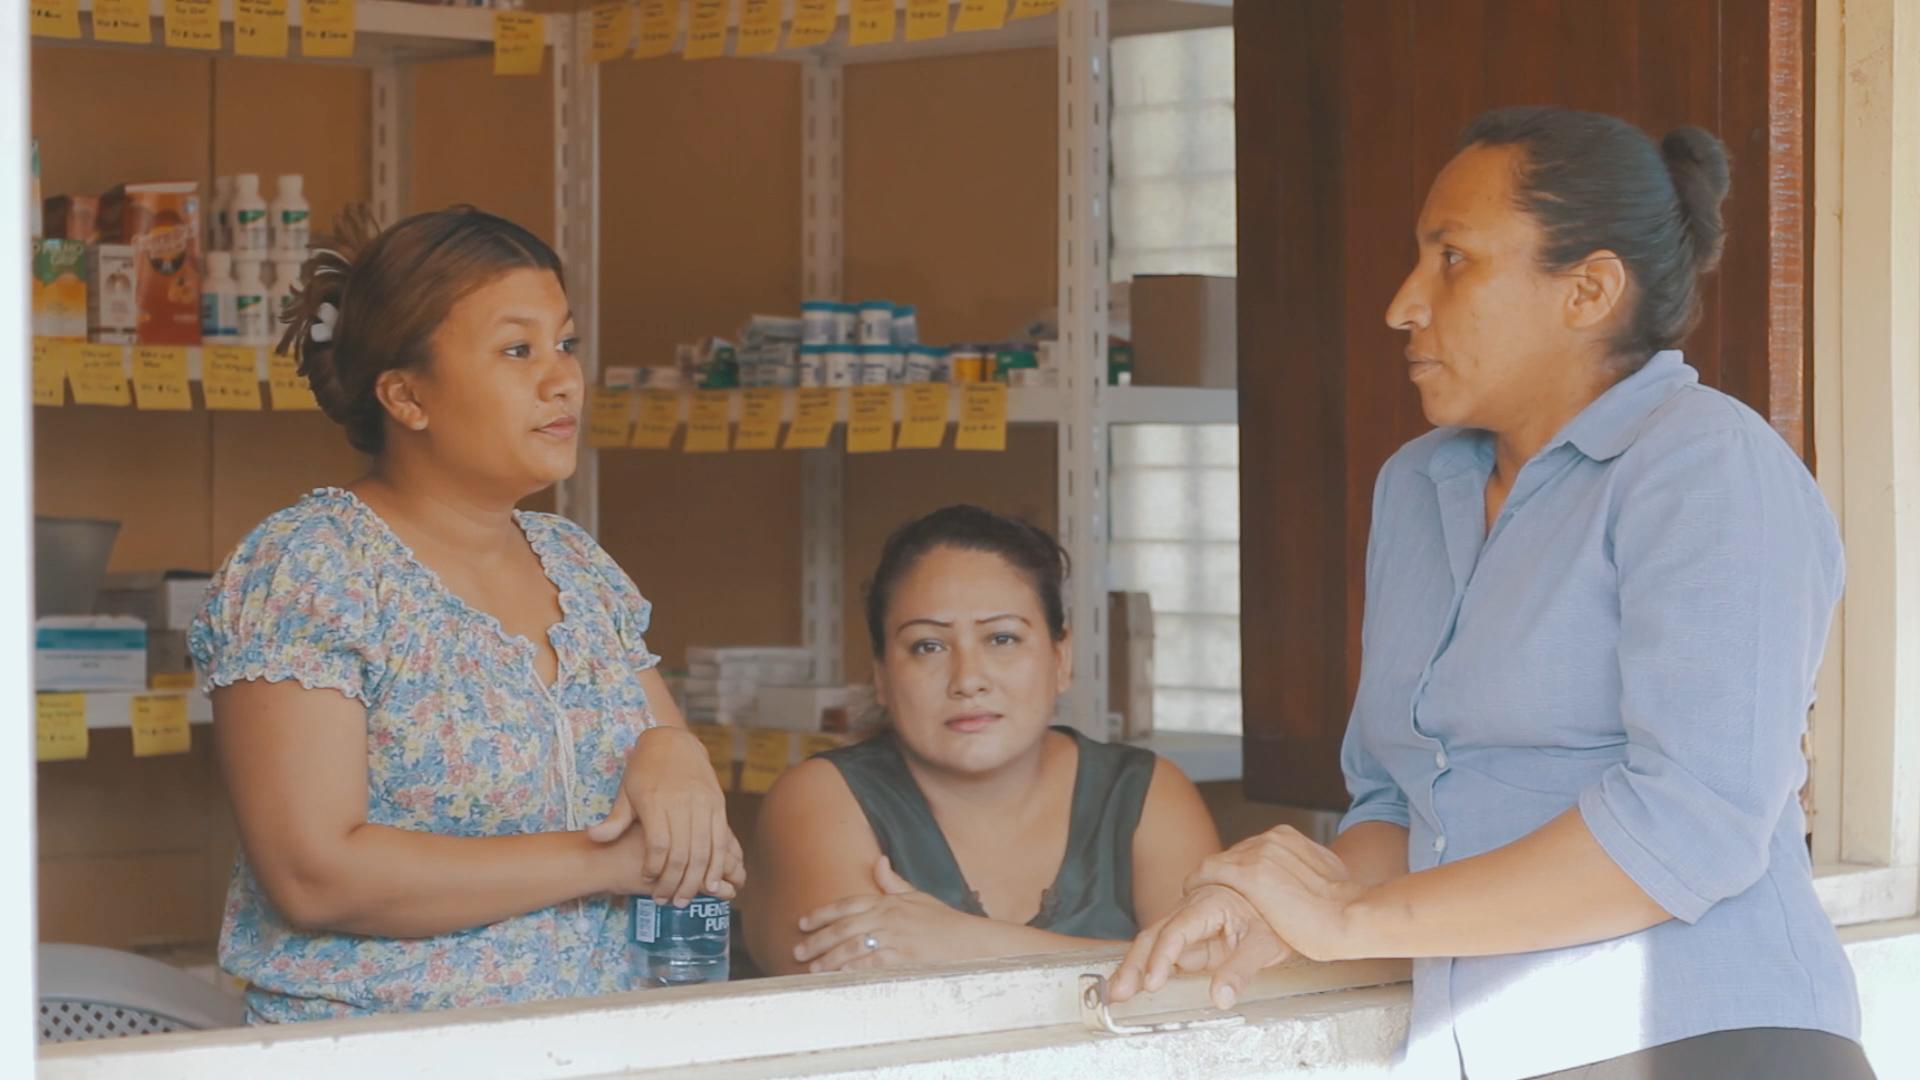 Estrenamos en Euskadi el documental 'La salud en mi comunidad'